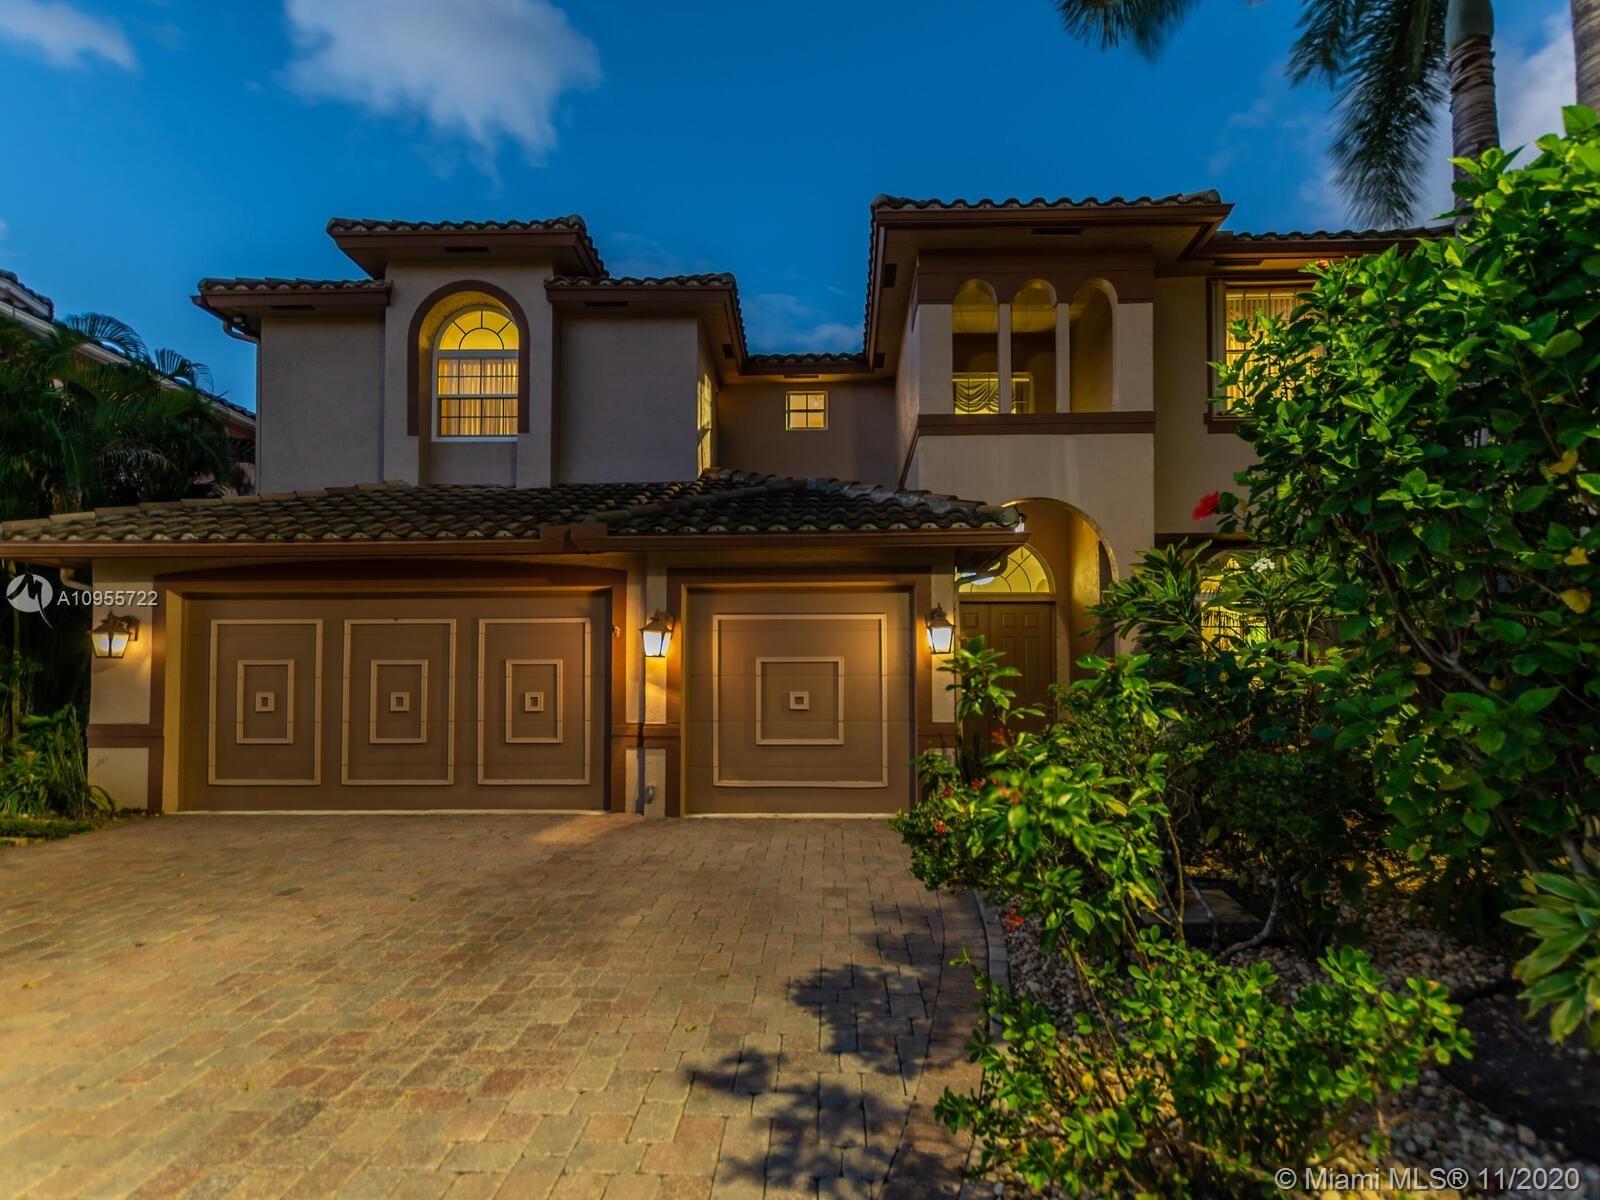 9822 Coronado Lake Dr, Boynton Beach, FL 33437 - #: A10955722